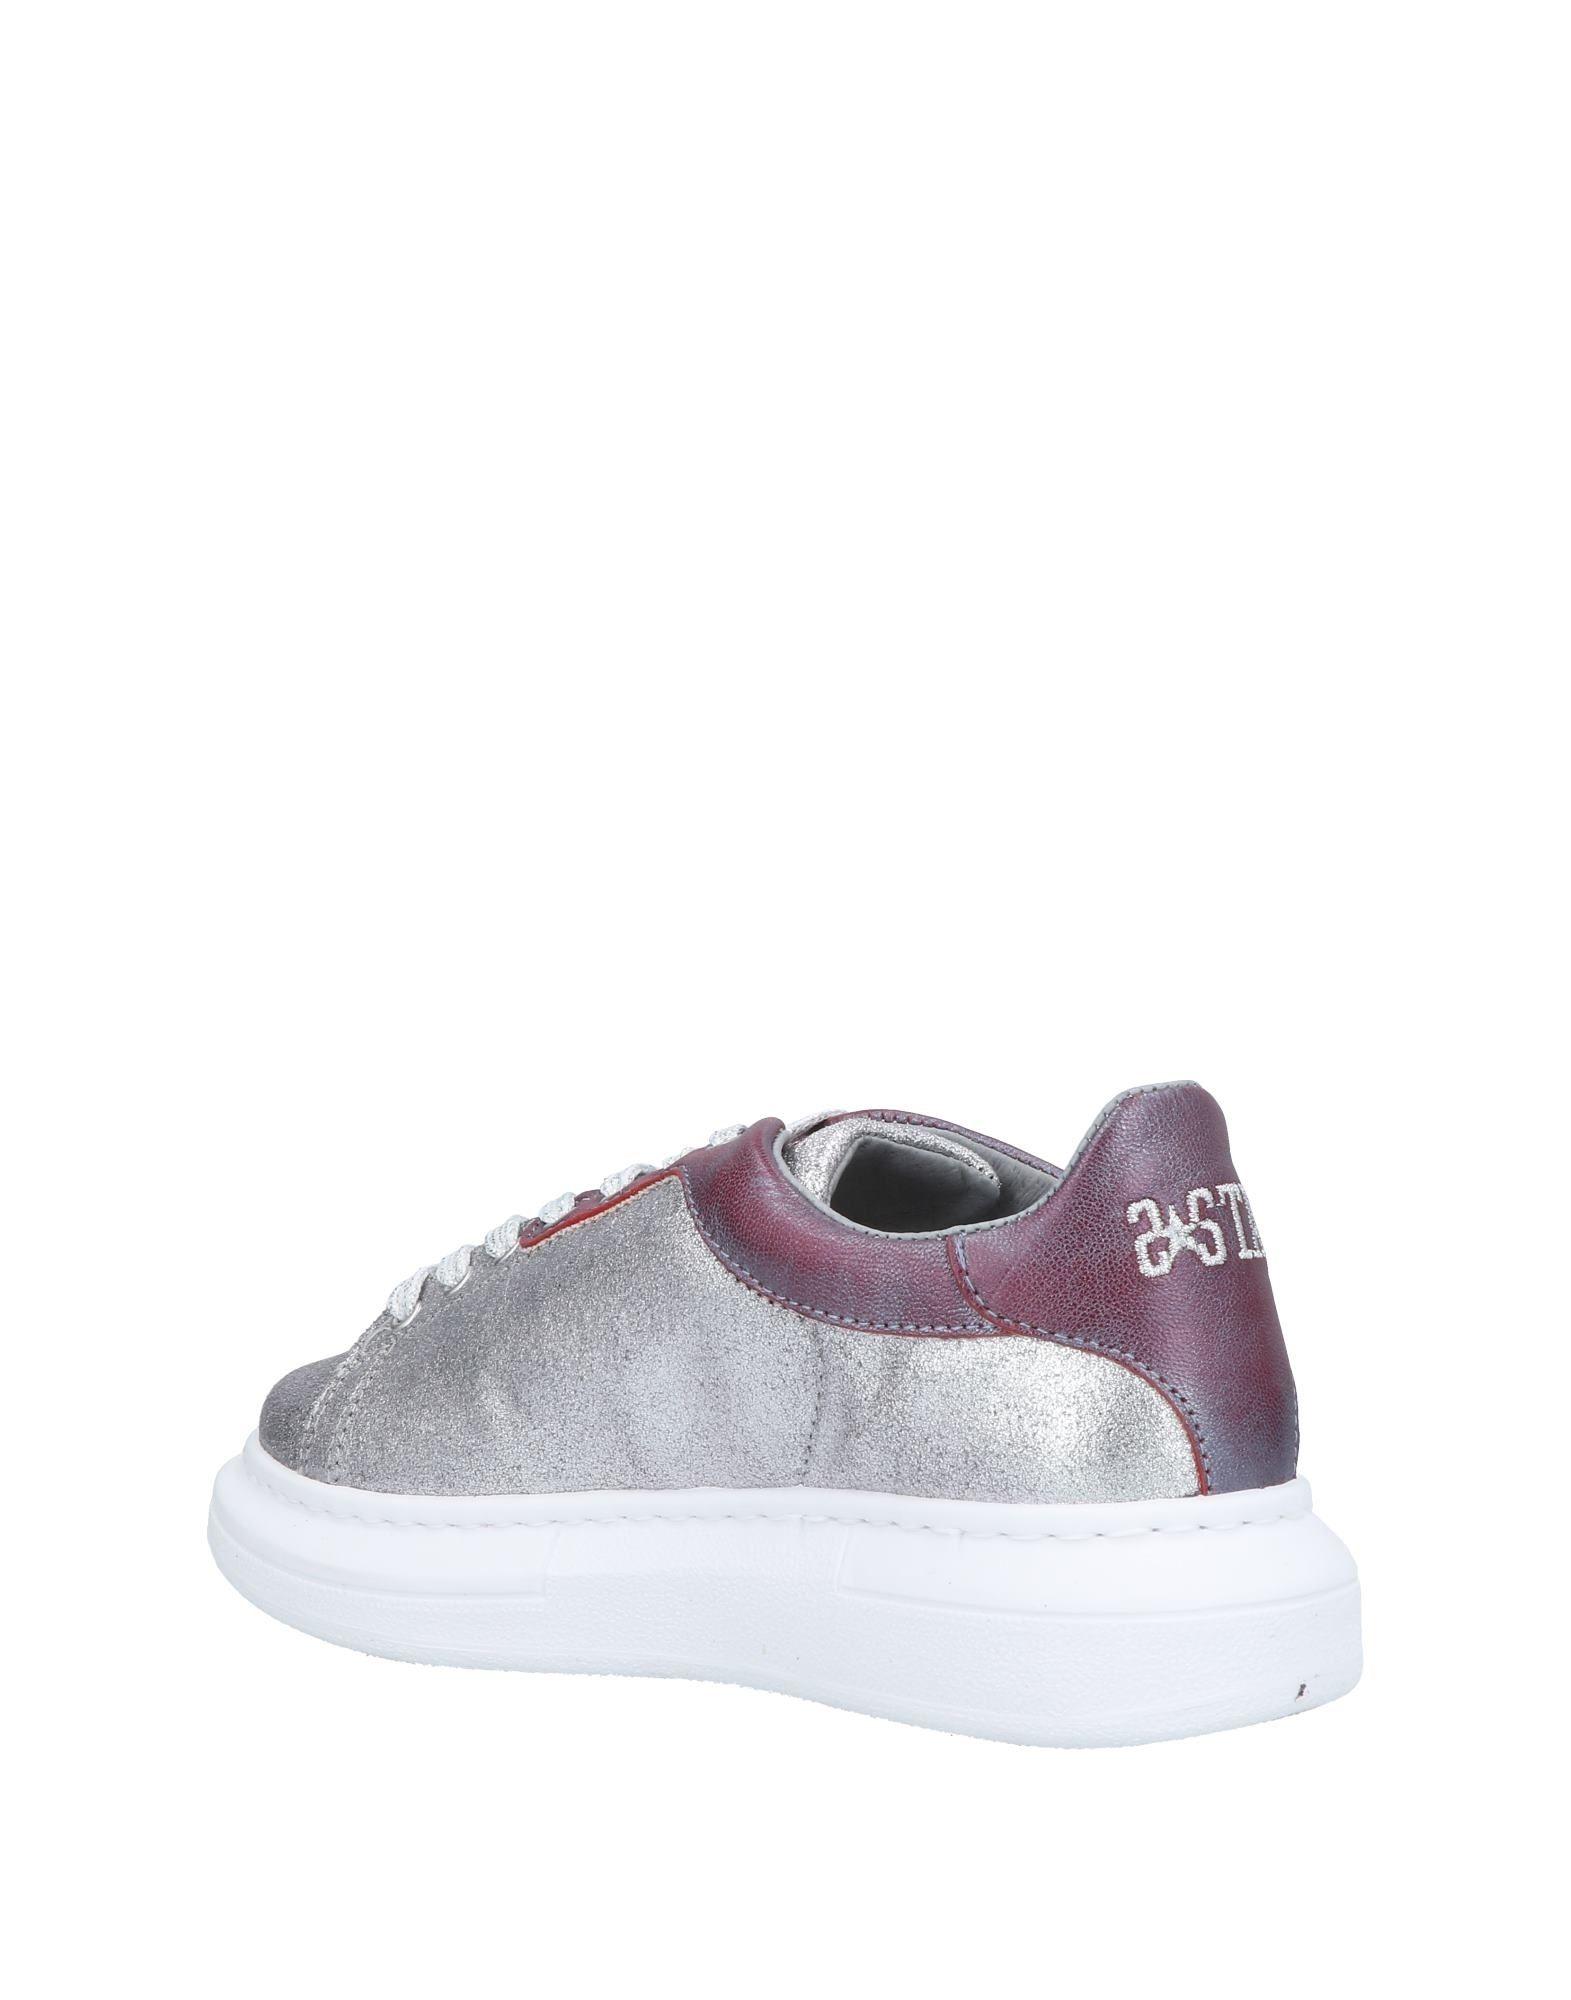 2Star Sneakers Damen  Schuhe 11453495XF Gute Qualität beliebte Schuhe  914ba5